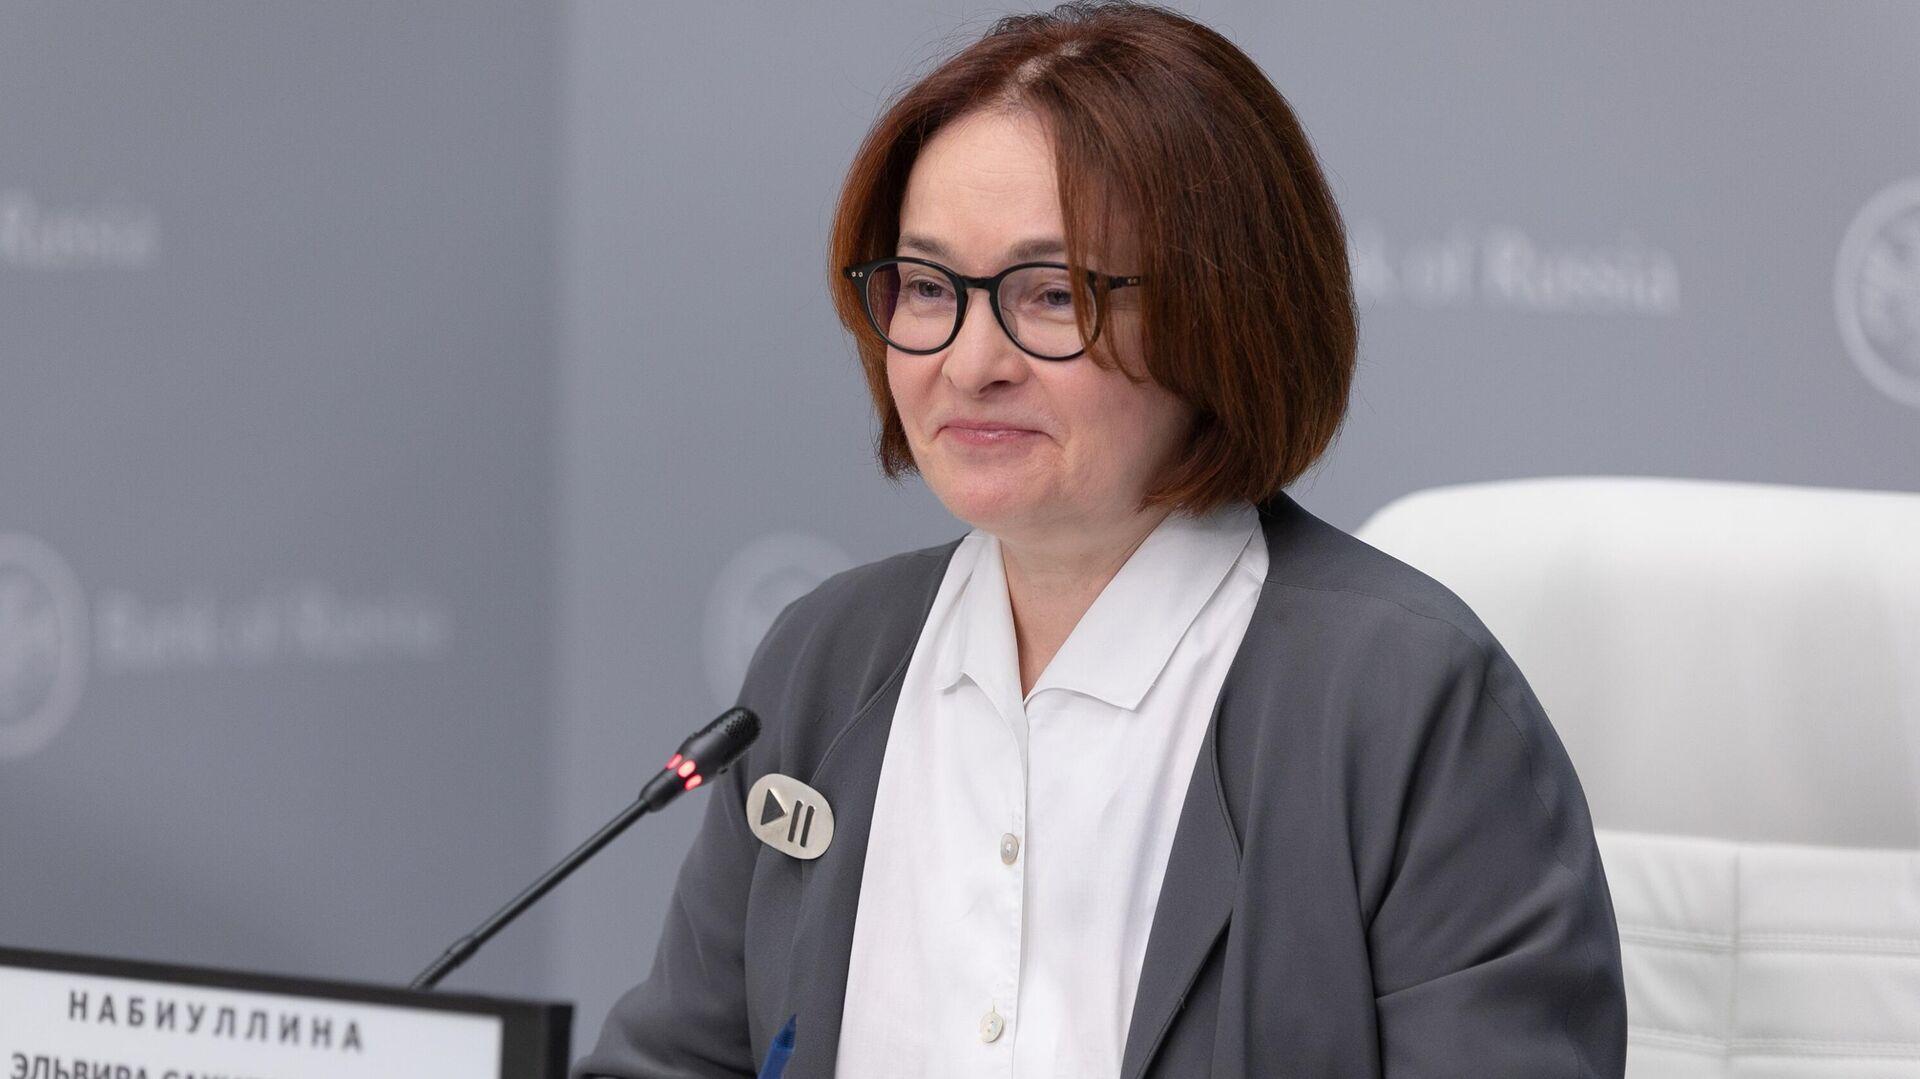 Председатель Центрального банка РФ Эльвира Набиуллина на пресс-конференции - РИА Новости, 1920, 23.10.2020